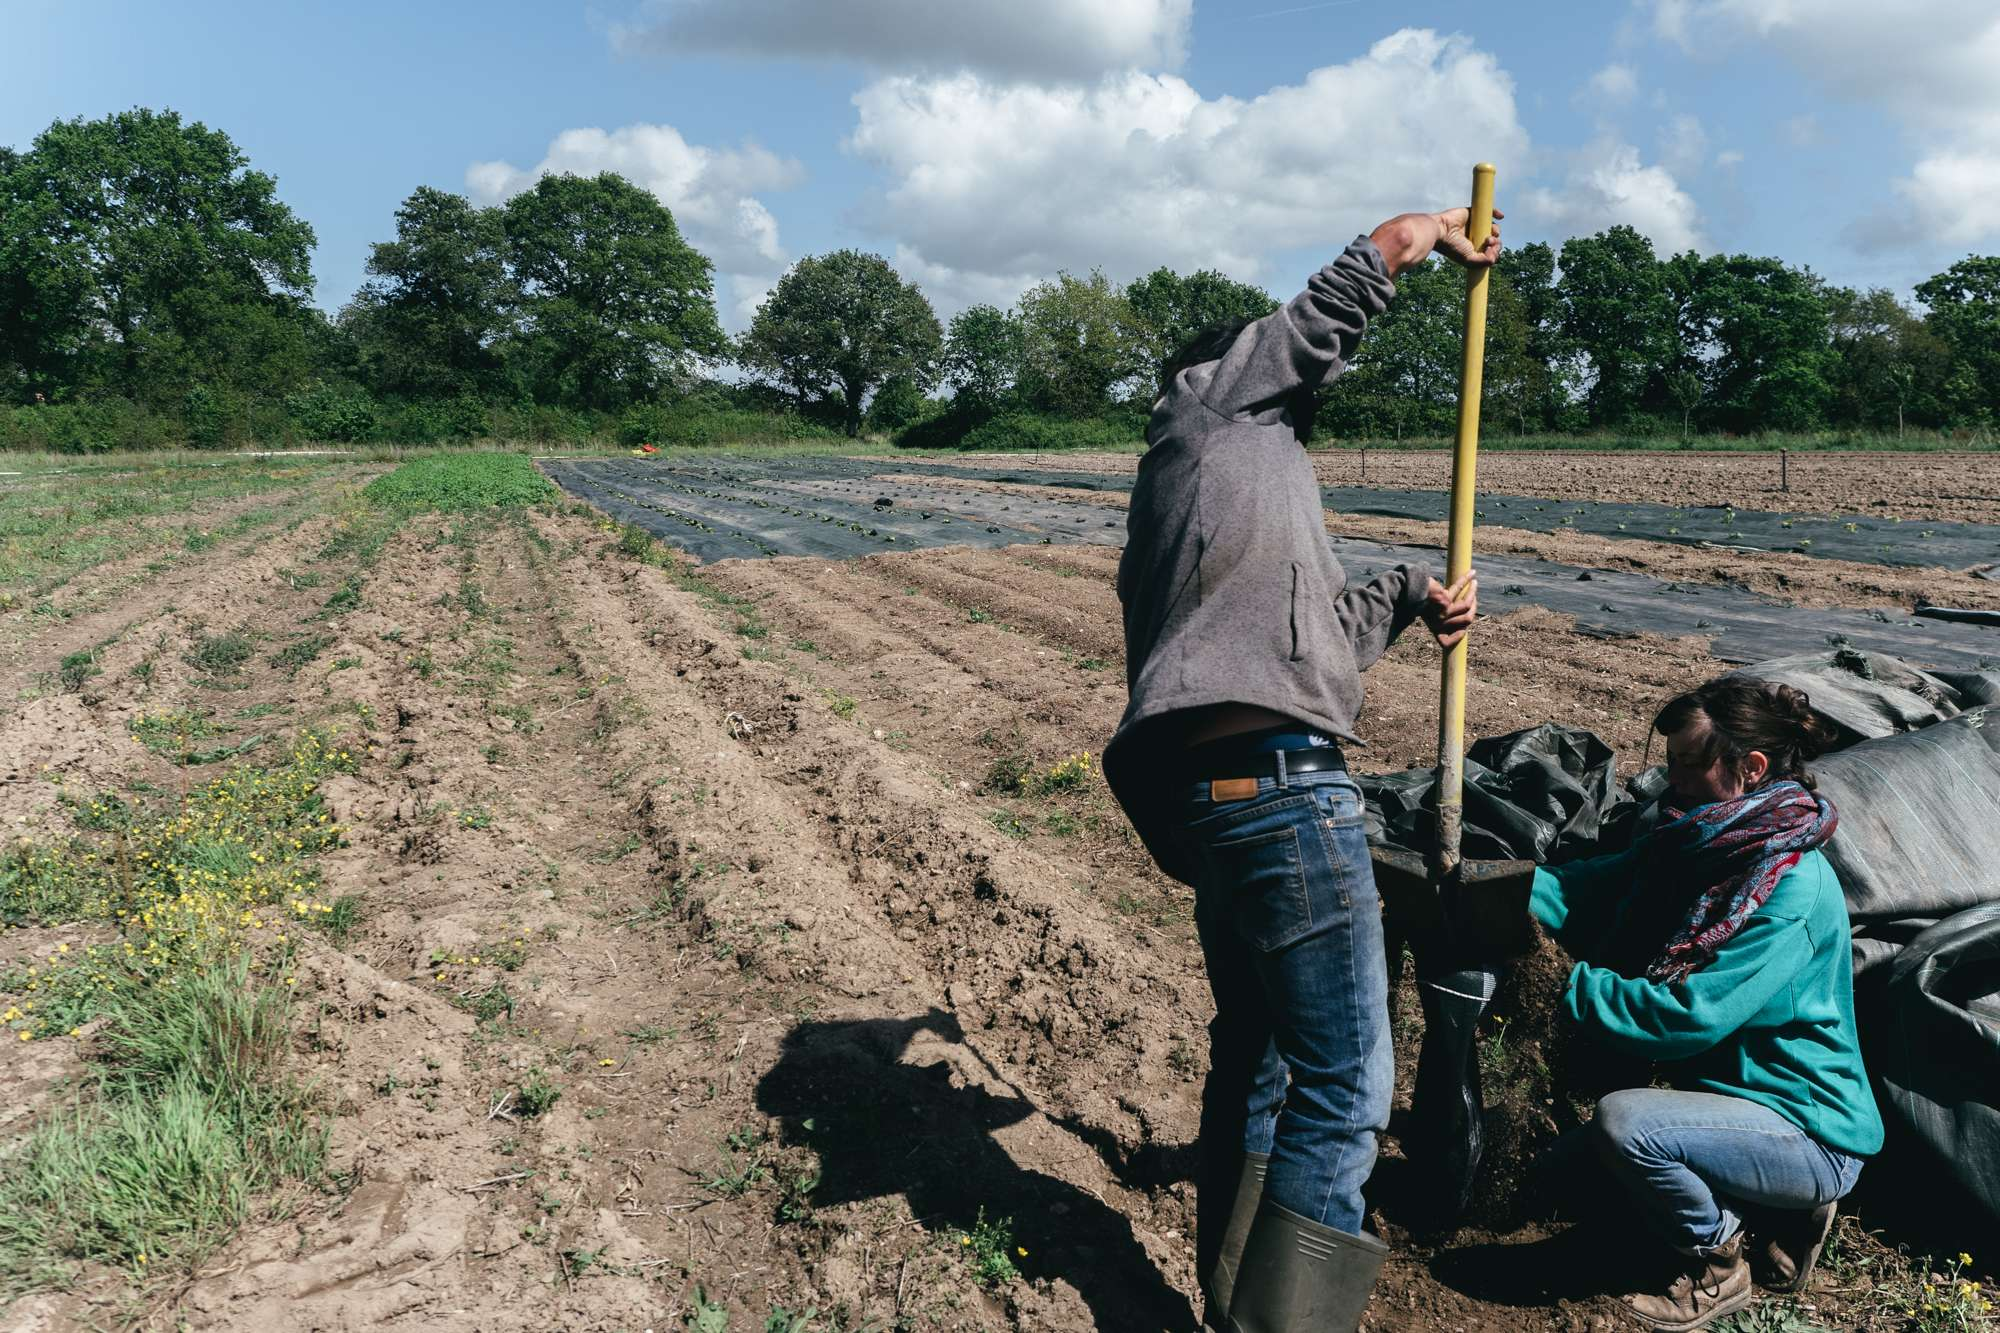 À Chauvé, le 25 mai, des Woofers travaillent sur l'exploitation paysanne de Hubert et Yohann. Photographie : Collectif Prism pour Radio Parleur.